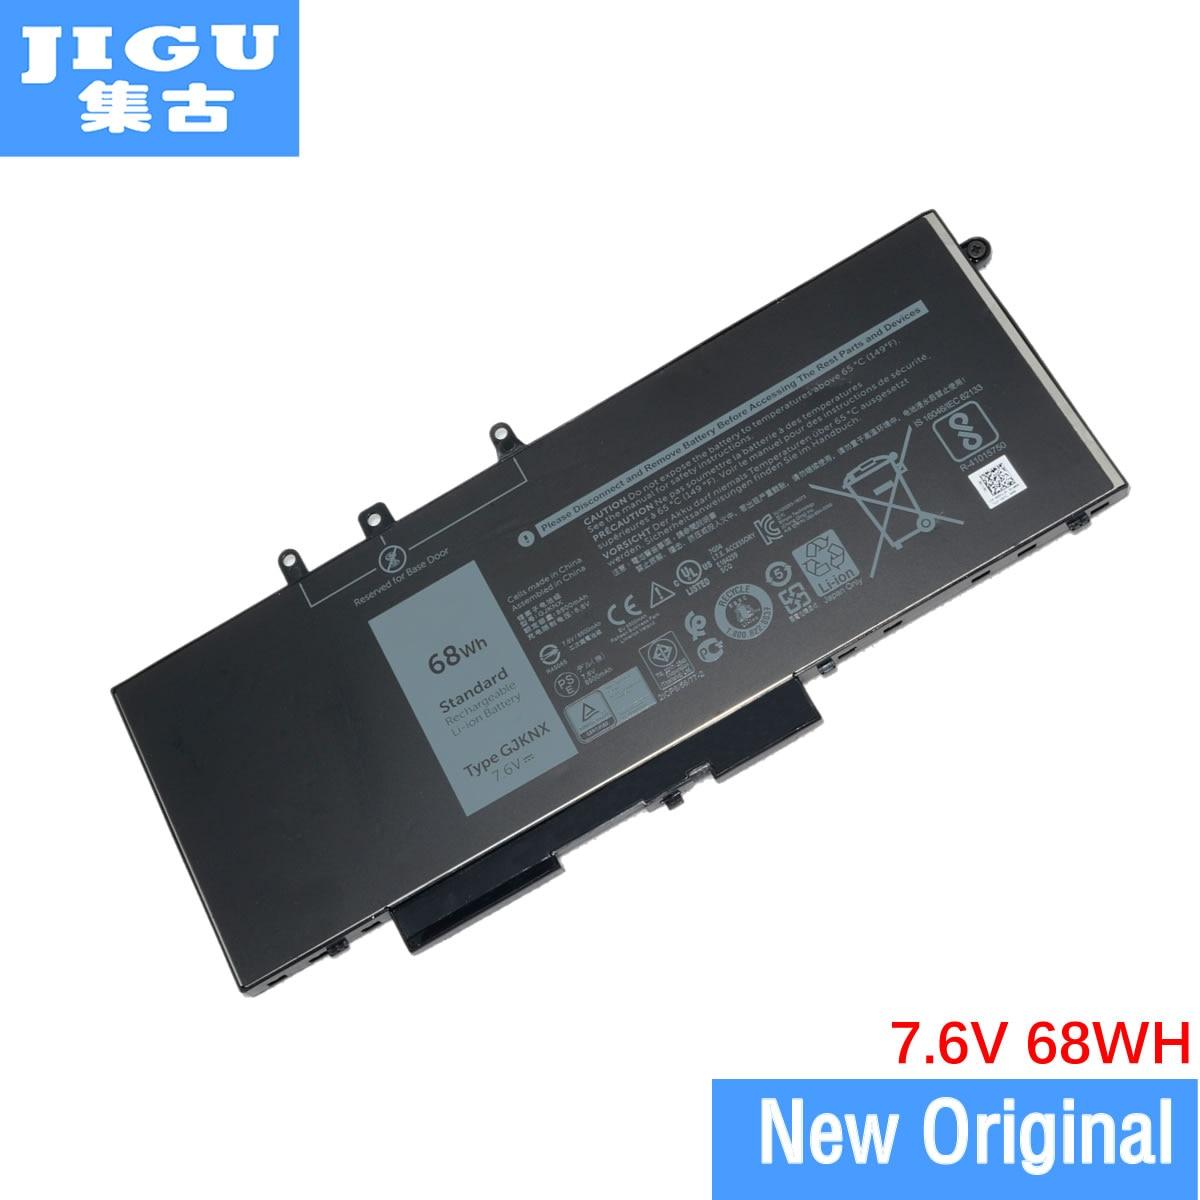 JIGU Original Laptop Battery GJKNX GD1JP For Dell For Latitude 5480 5490 5491 5580 E5280 E5580 7.6V 68WH